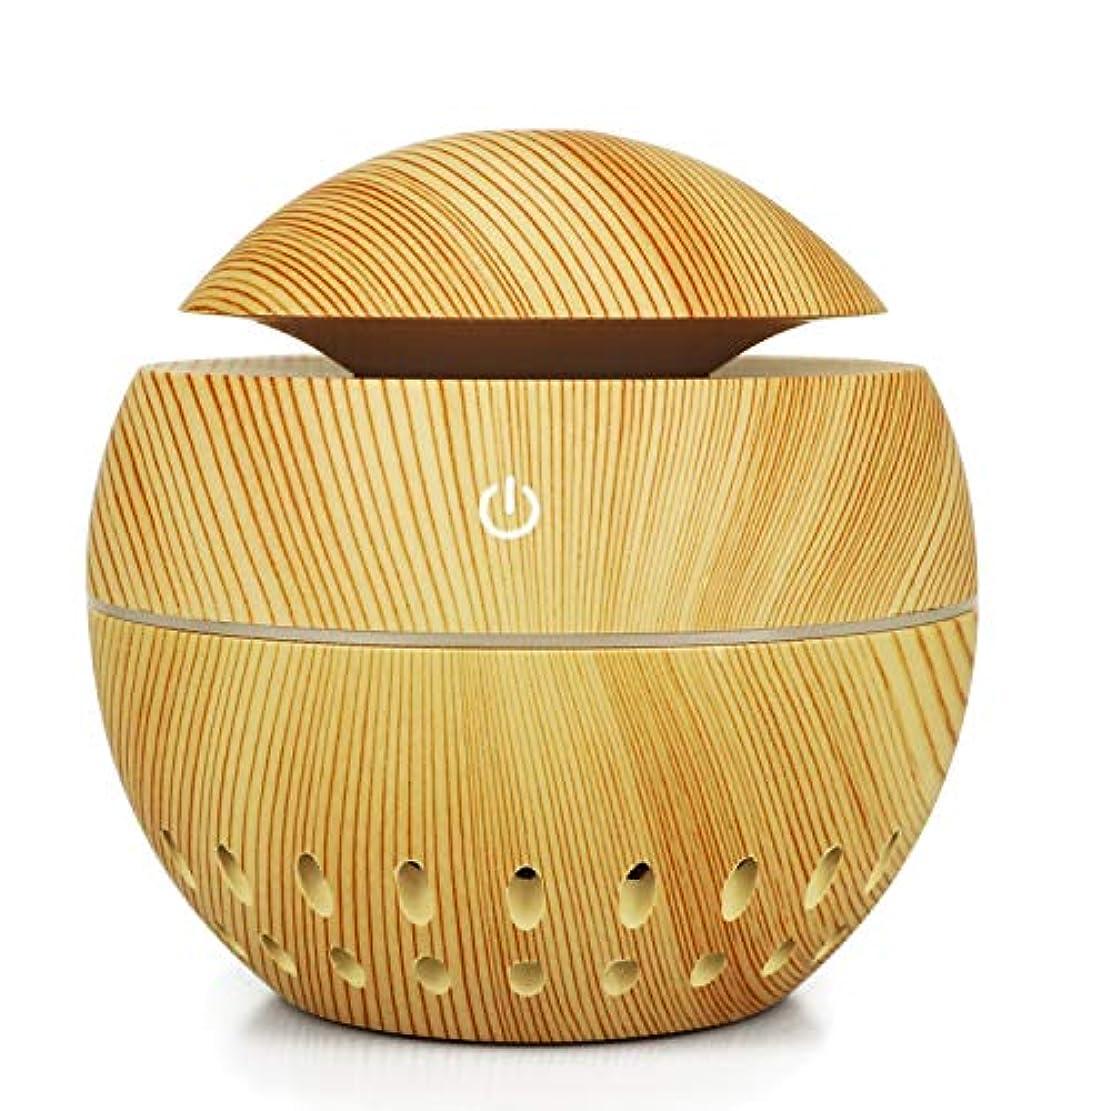 バースト軽書誌加湿器USBウッドグレイン中空加湿器きのこマシン総本店小型家電、ブラウン (Color : Brass)